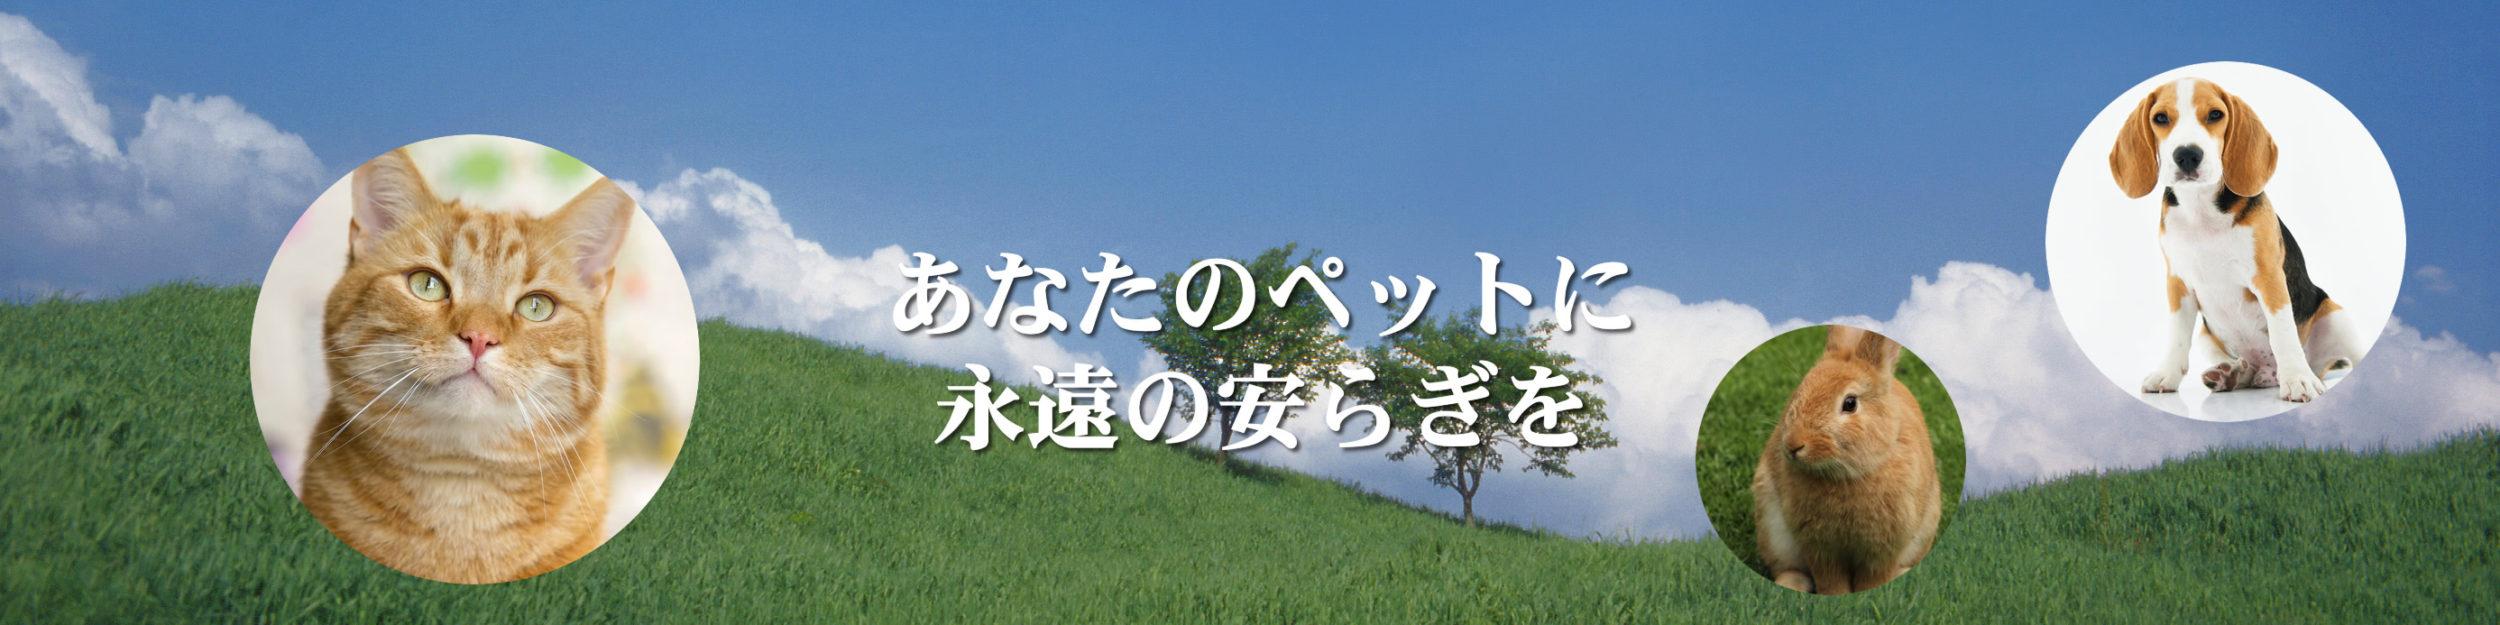 ・ペットエンゼルセレモニー神戸